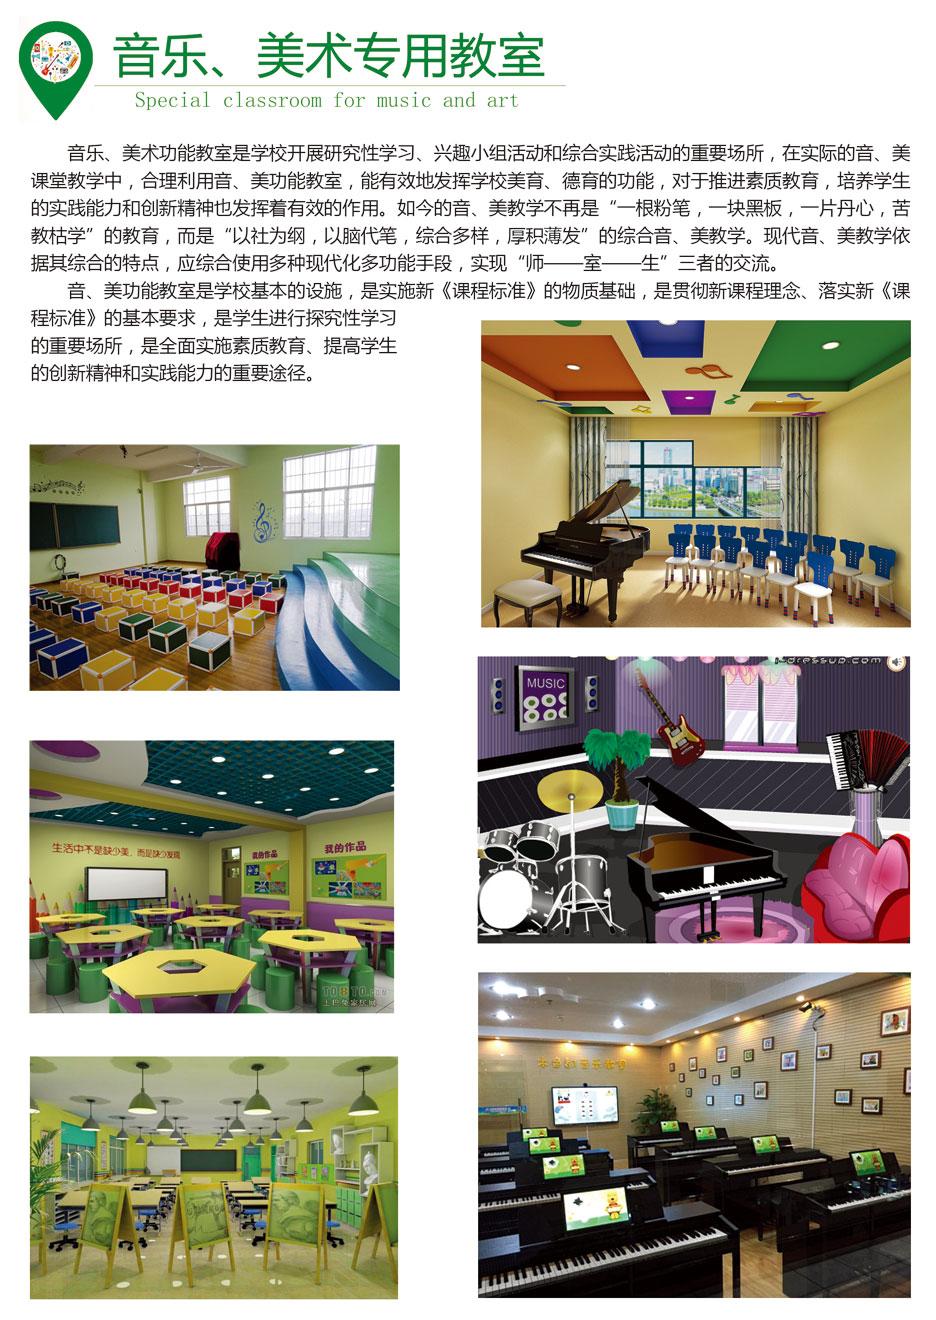 音乐、美术专用教室